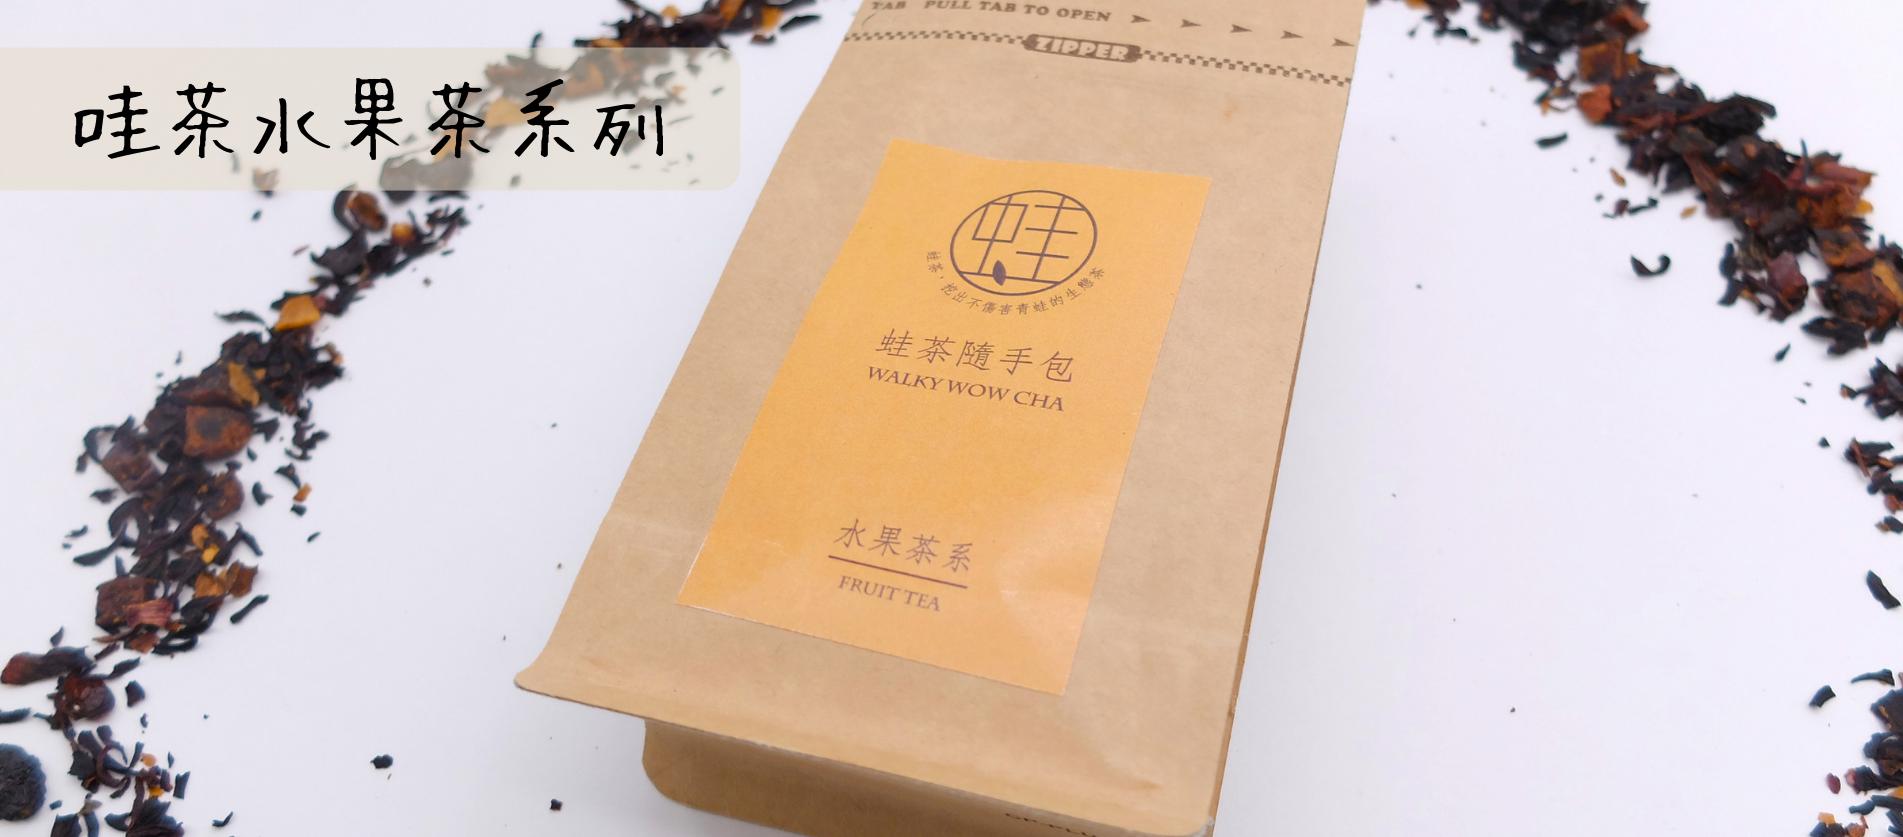 自然茶,哇茶芙蘿拉系列茶,水果茶系列